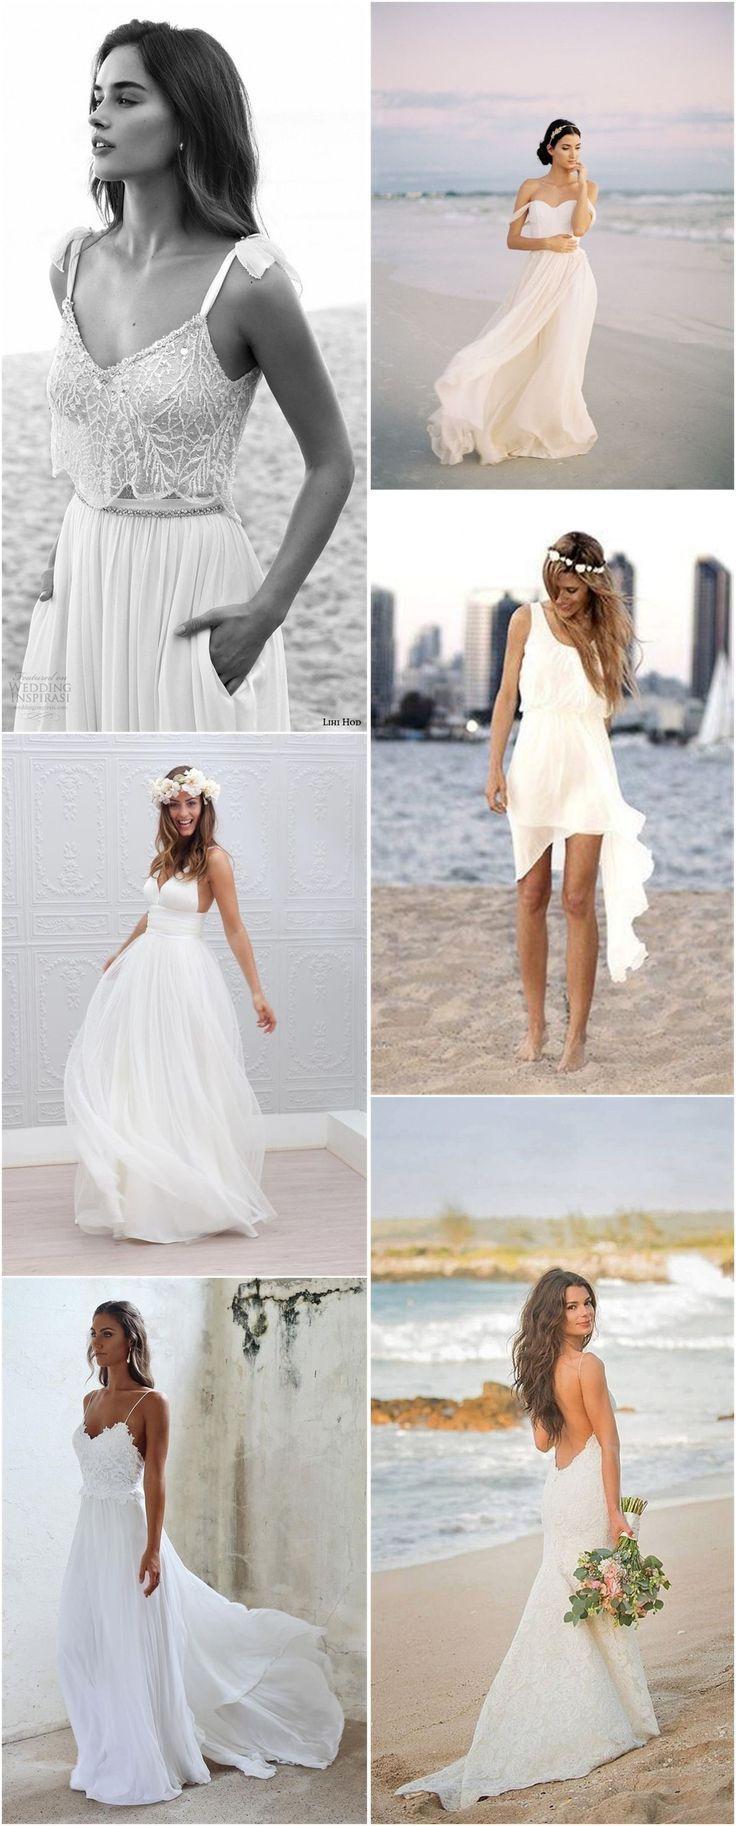 pinterest beach wedding dresses off 18   medpharmres.com